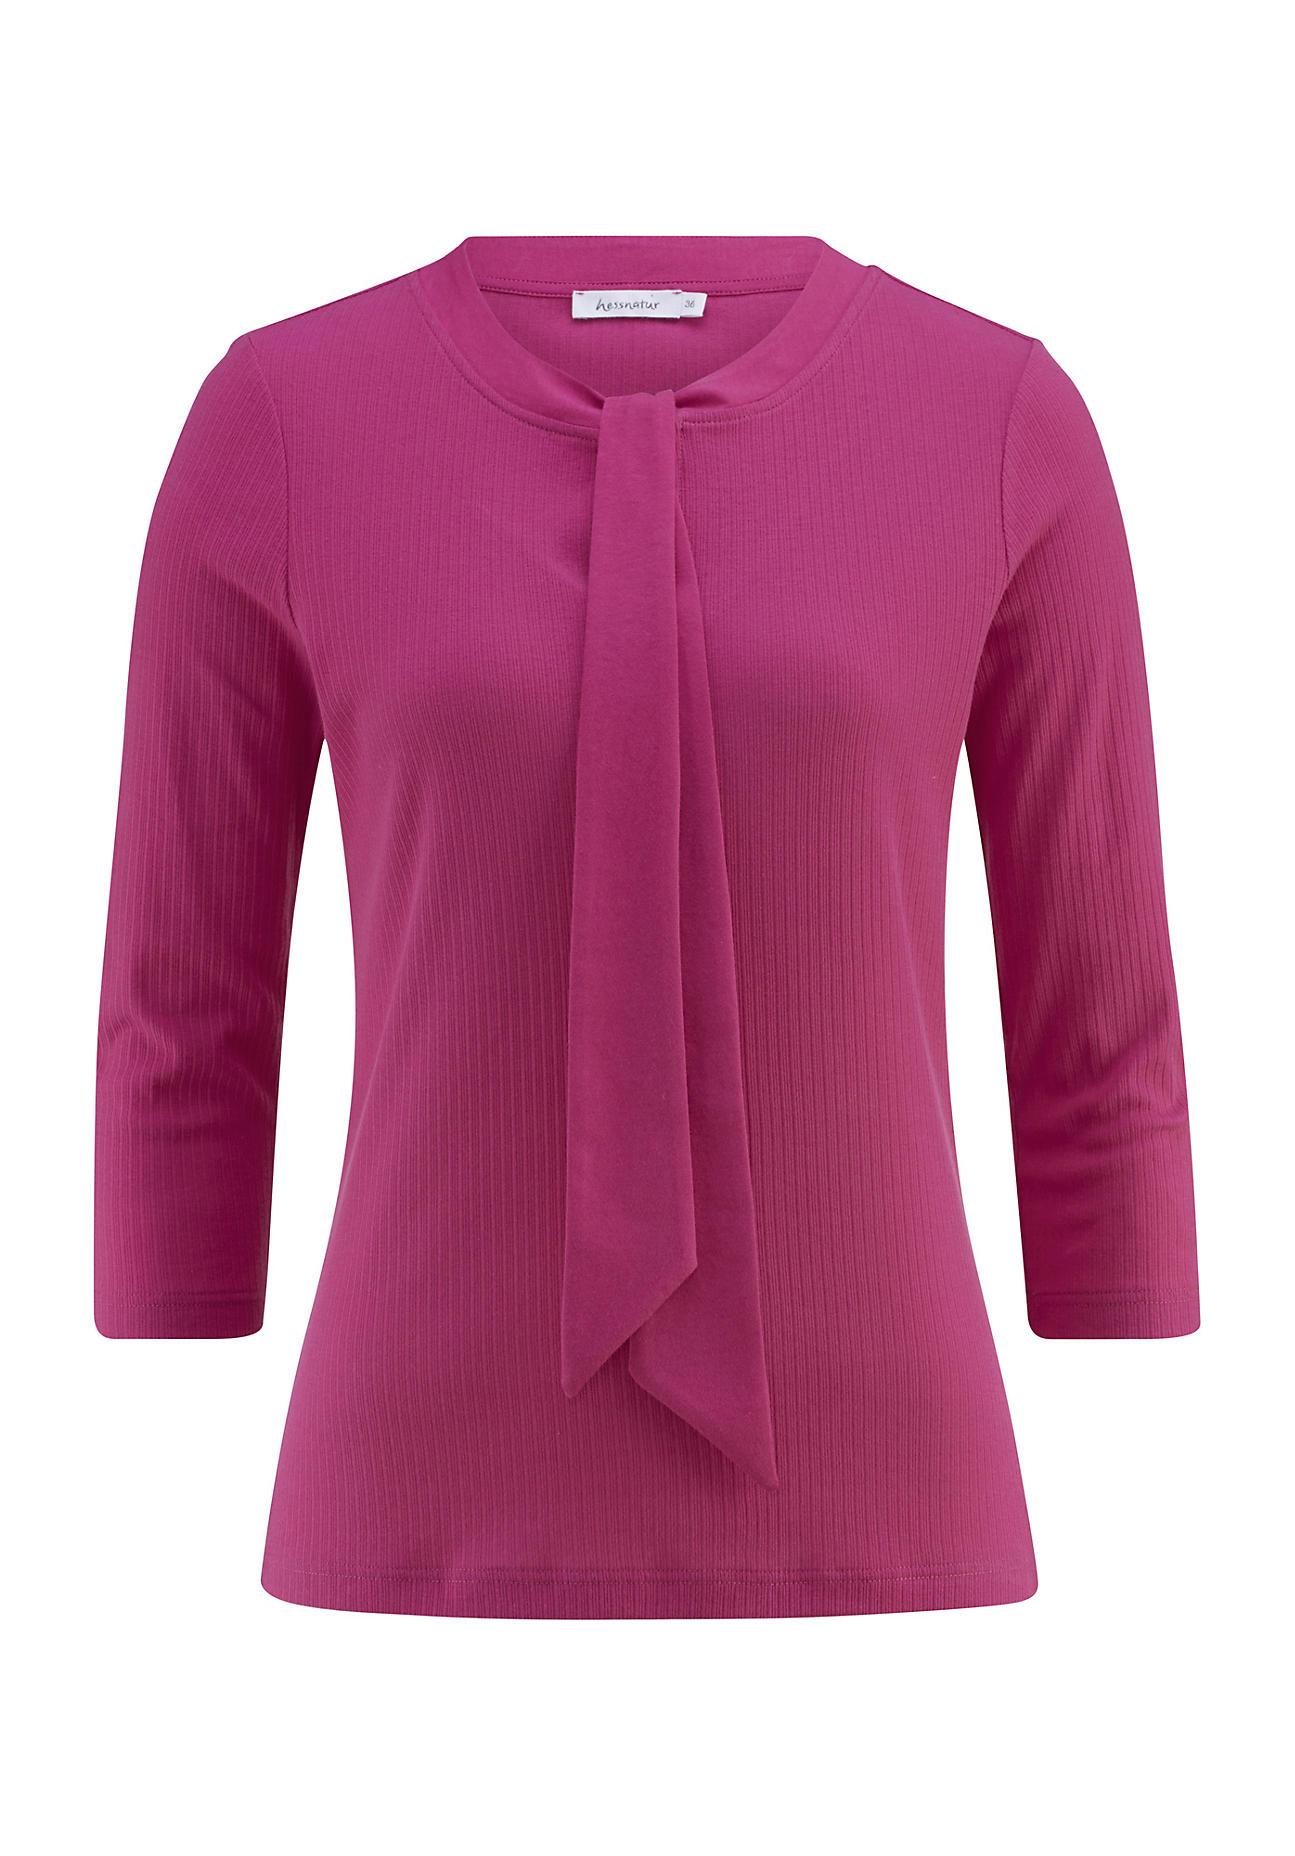 hessnatur Damen Shirt aus Bio Baumwolle – lila – Größe 38